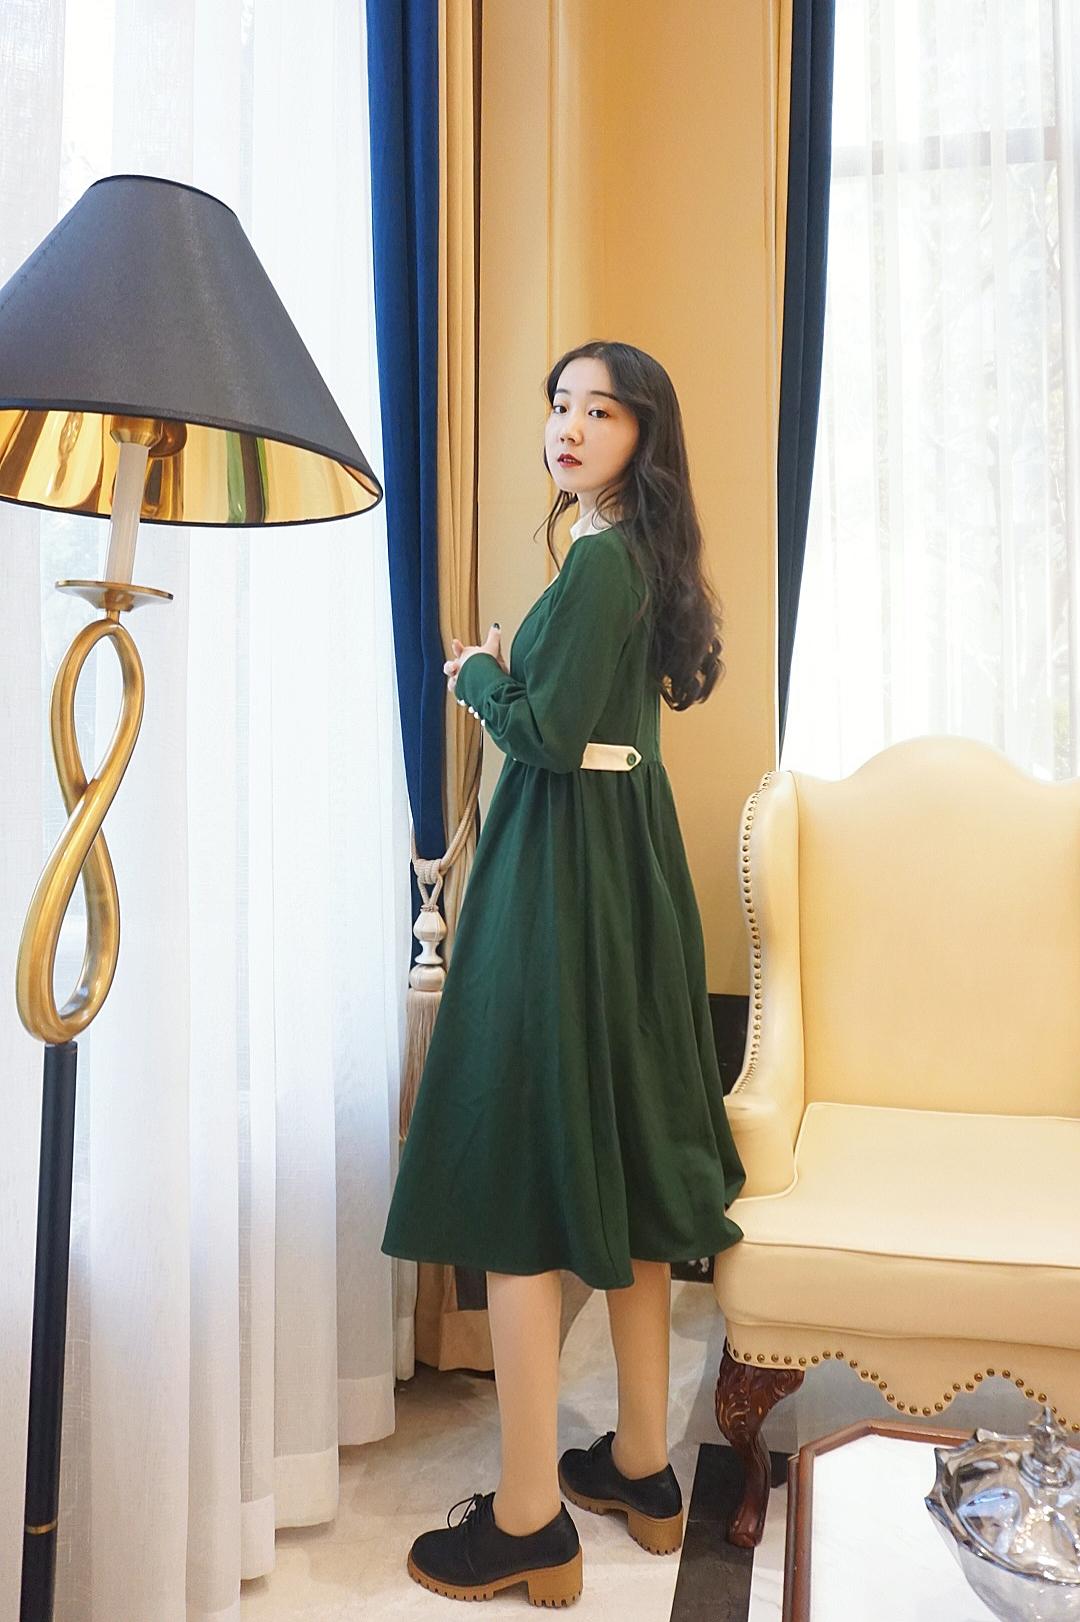 《绿野仙踪裙》一款撞色立领抽摺连衣裙,用绿意的温暖抵御撒野的墨绿和杏色搭配,立领设计没有高领的束缚感,搭配外套也很nice#双十二一衣多穿攻略#